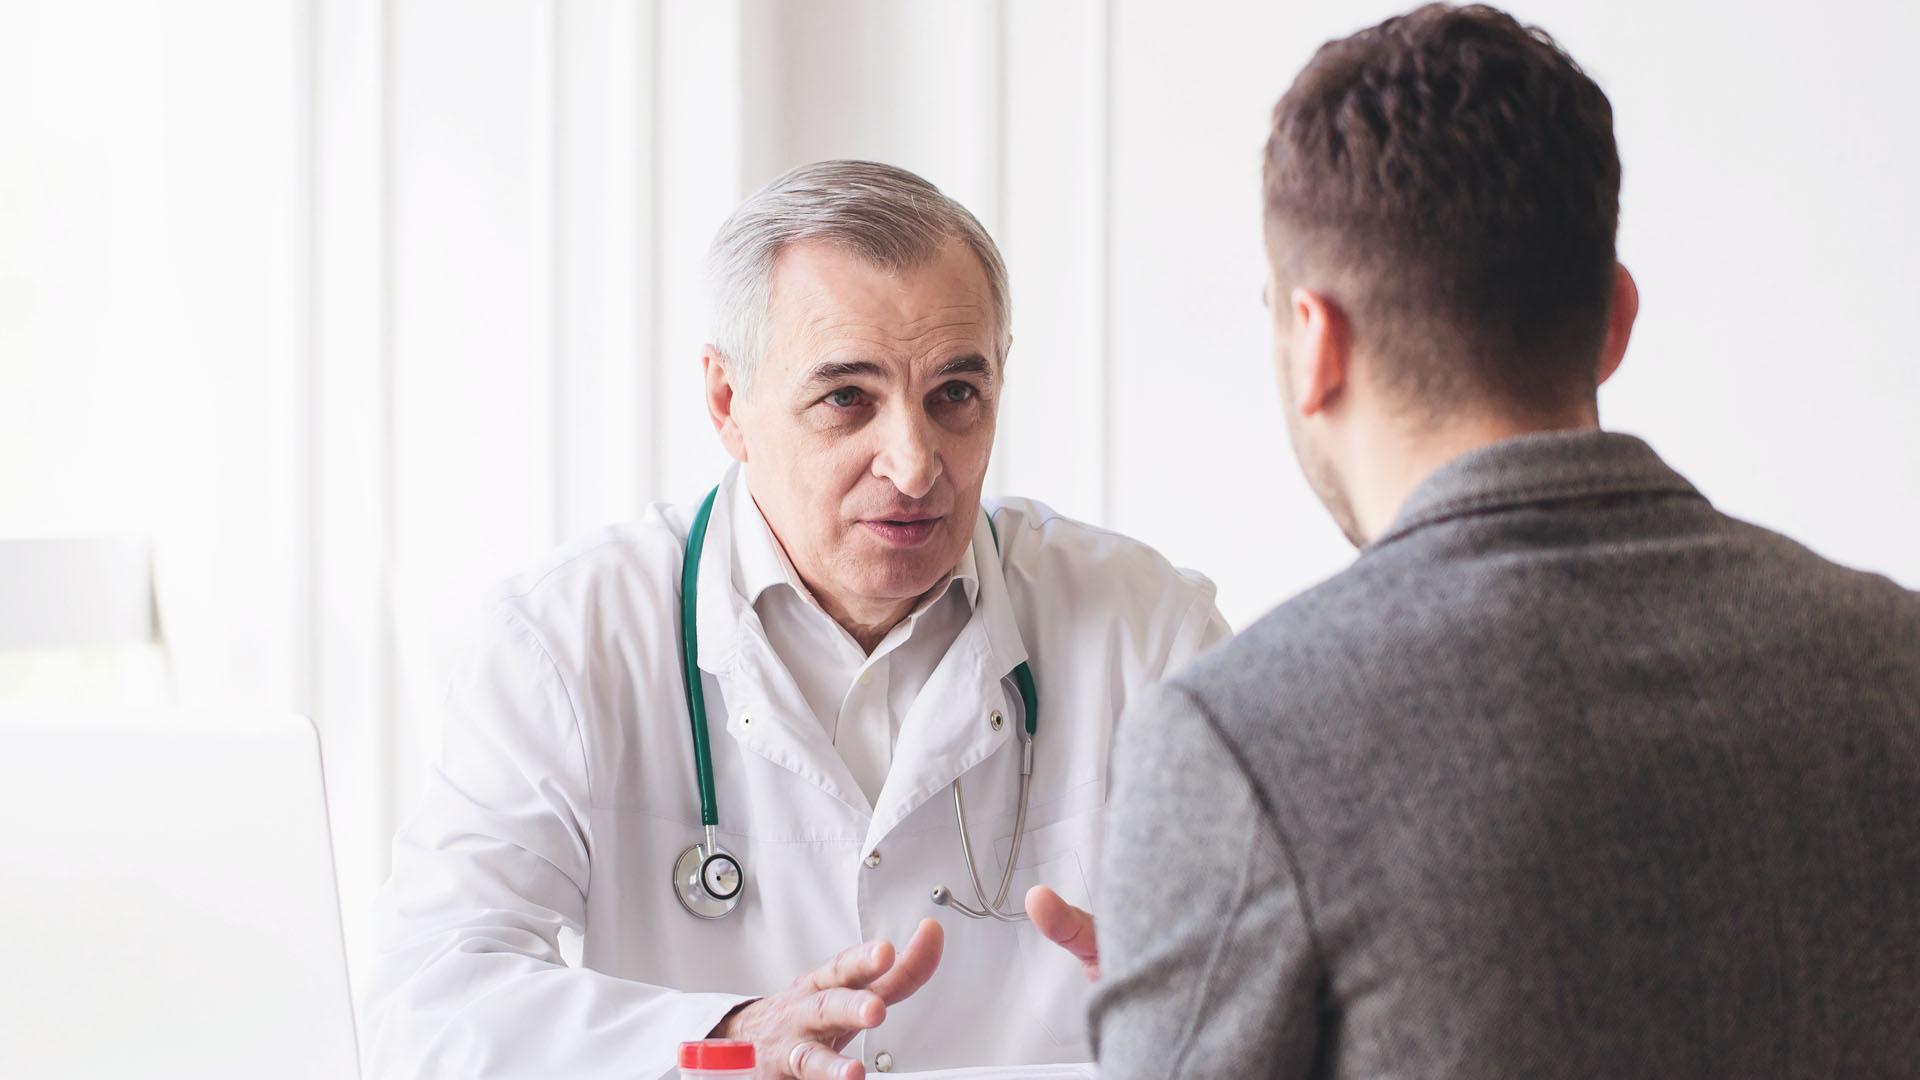 Imagem que ilustra um médico atendendo a um paciente